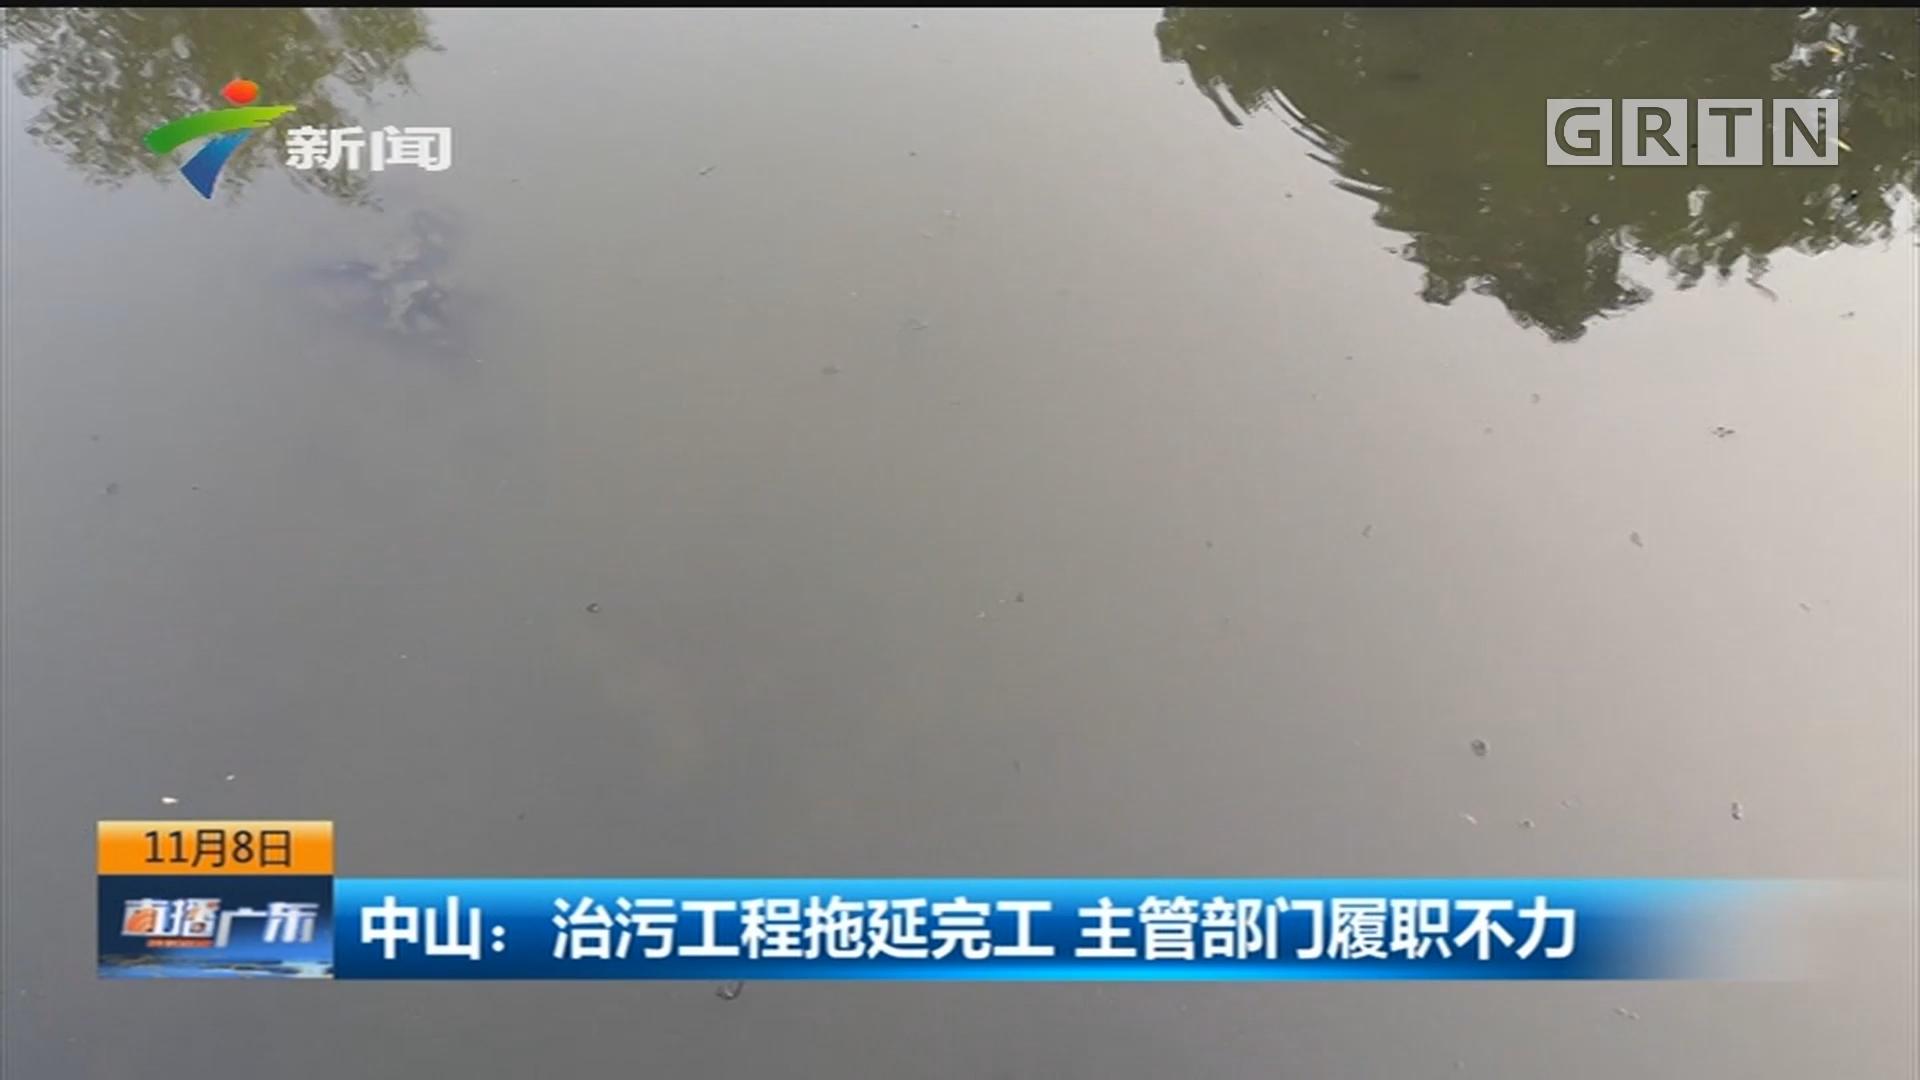 中山:治污工程拖延完工 主管部门履职不力